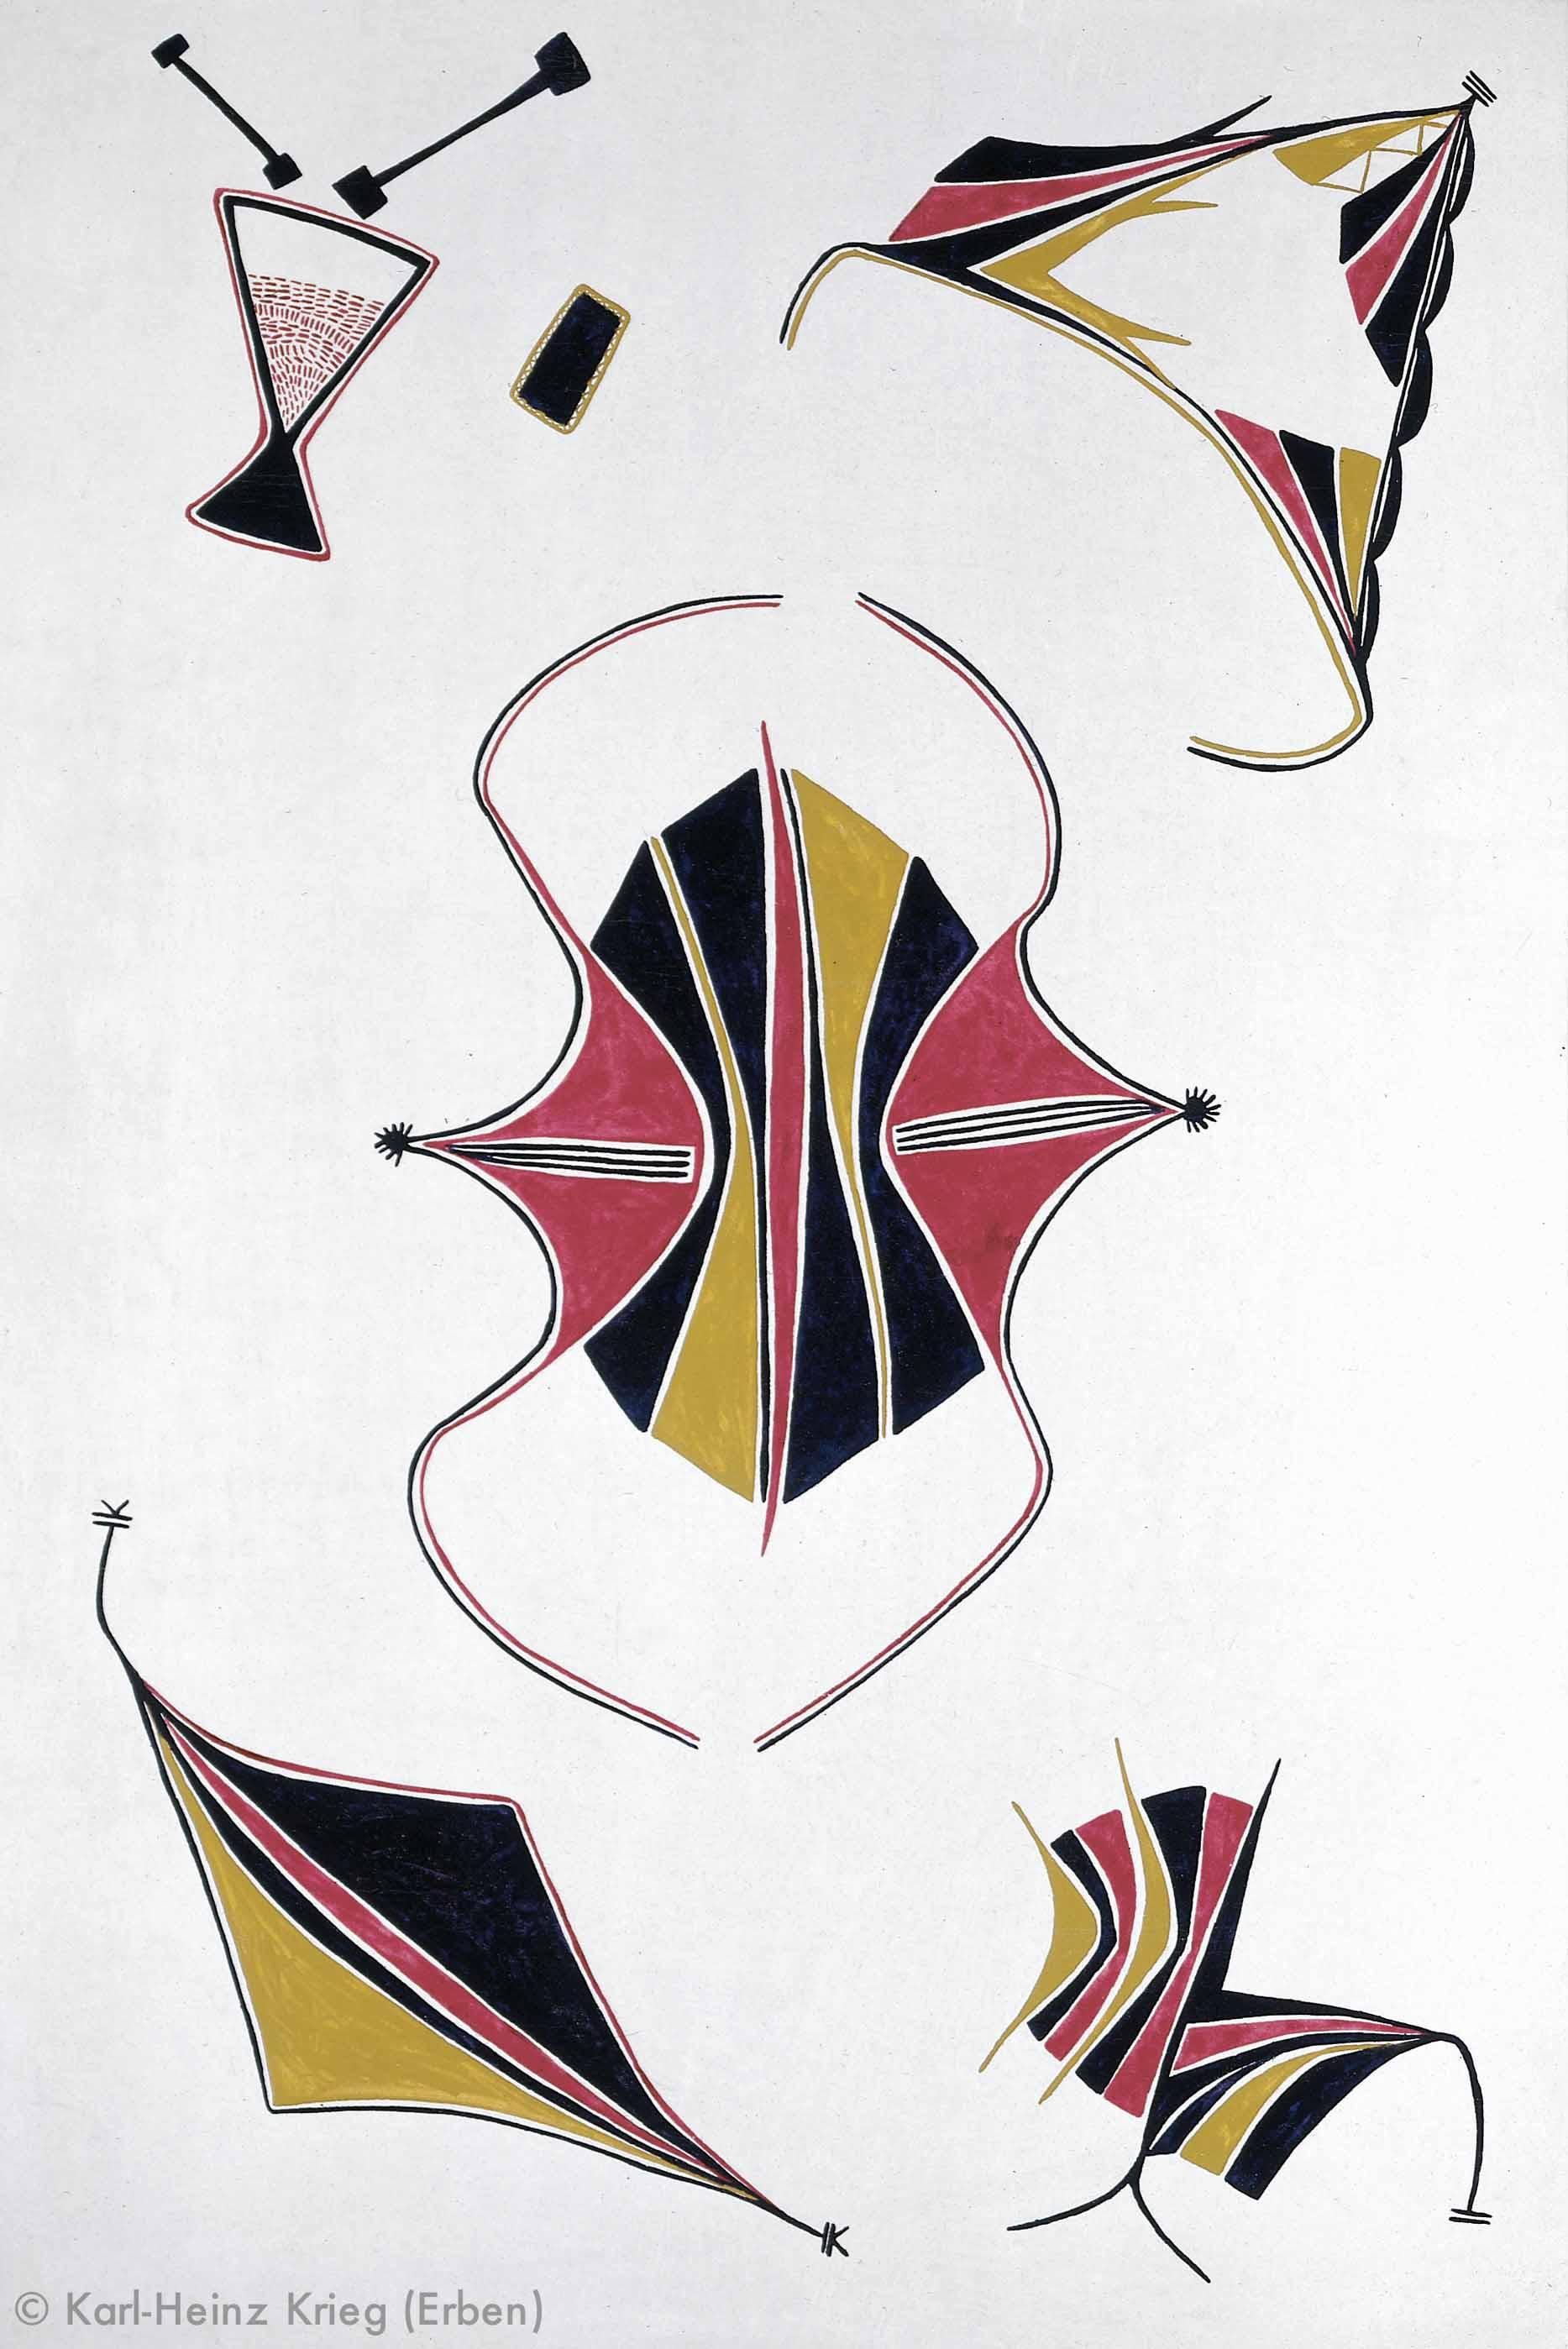 Kolouma Sovogi Pèkobai, 1996